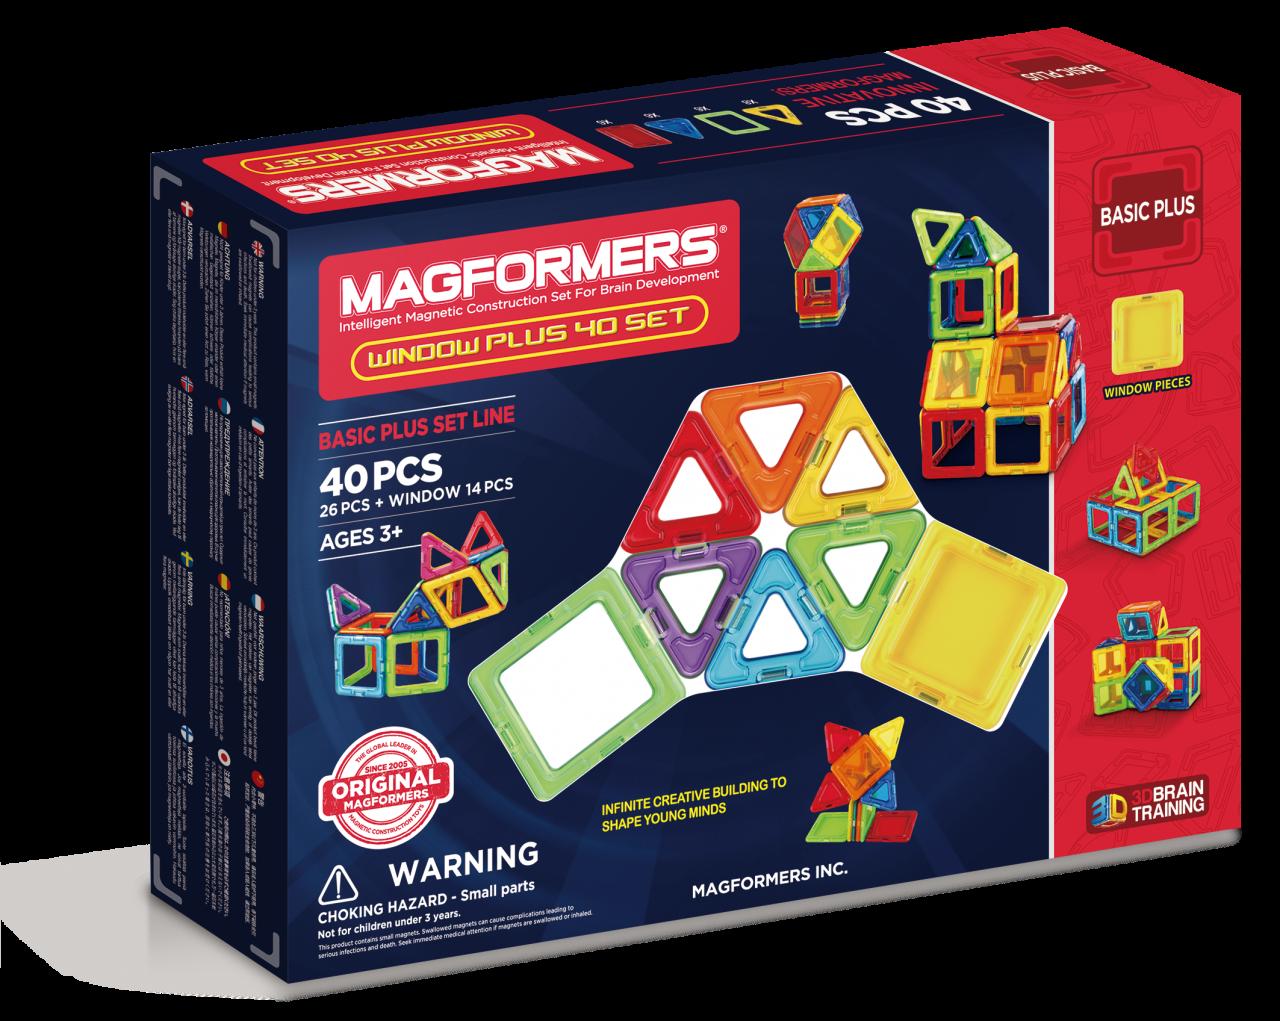 Магнитный конструктор MAGFORMERS 715002 Window Plus Set 40 set - Набор «Magformers Window Plus 40 Set» содержит 40 элементов: * треугольник 8 шт. * прозрачный треугольник 8 шт. * квадрат 18 шт. * прозрачный квадрат 6 шт.